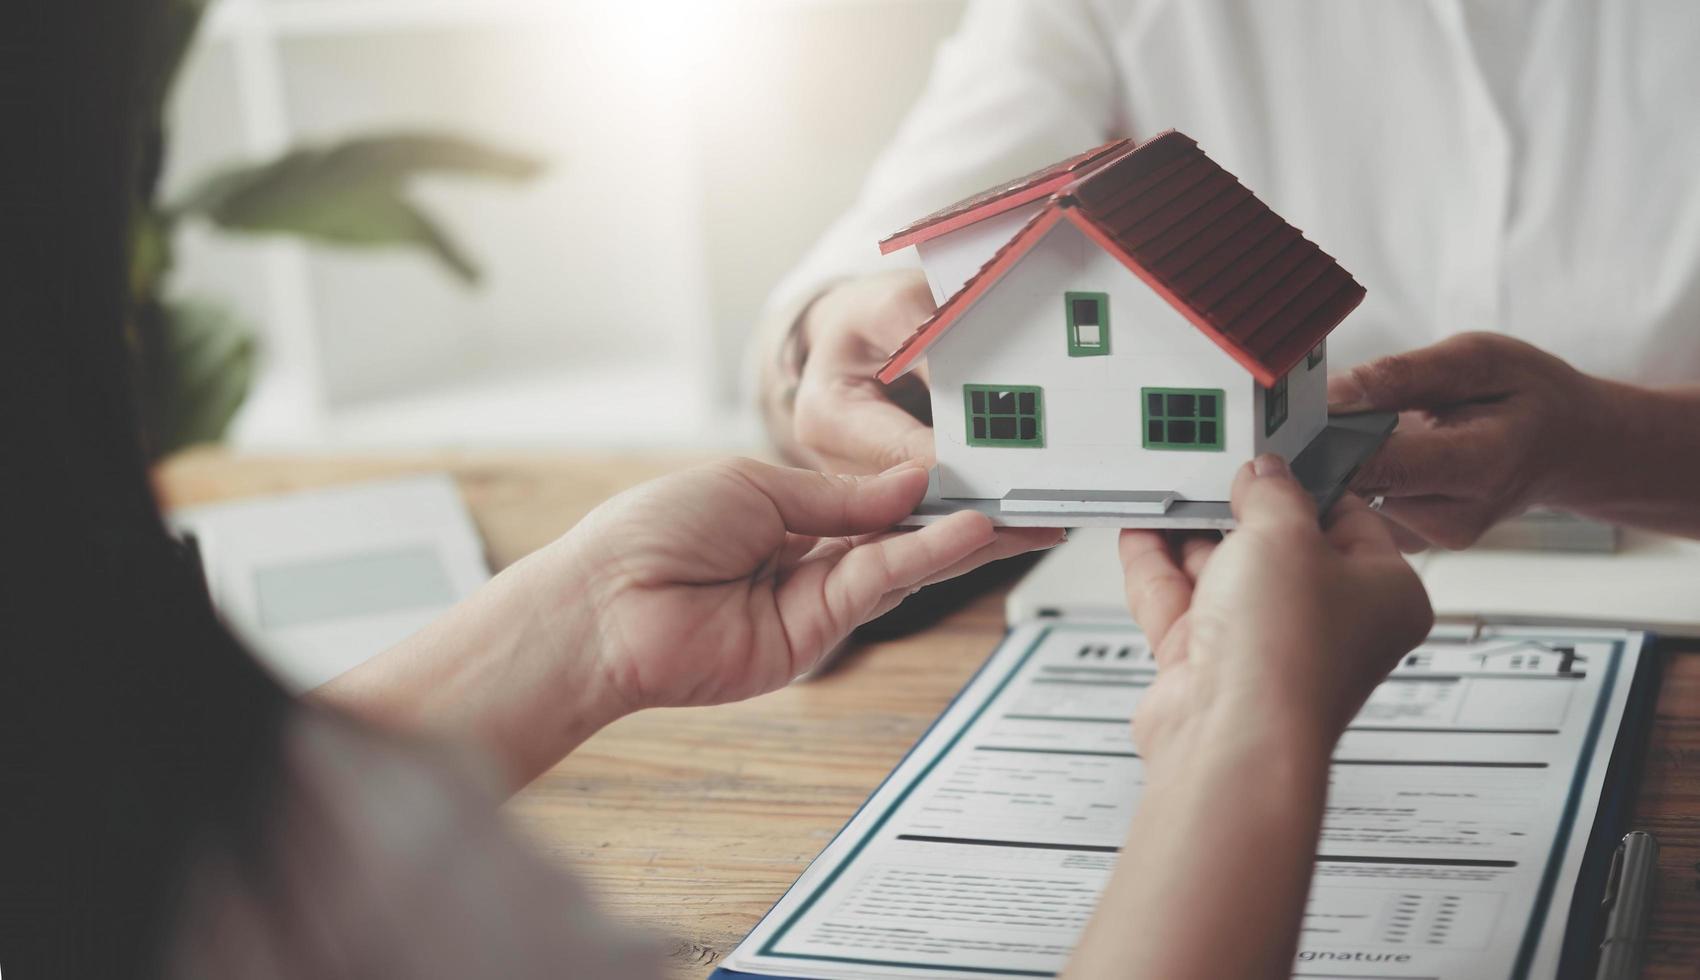 makelaar heeft het huis gegeven aan klanten die het huis hebben gekocht met verzekering, onderhandelen over koop-verkoop en investeringsplanningsconcept. foto